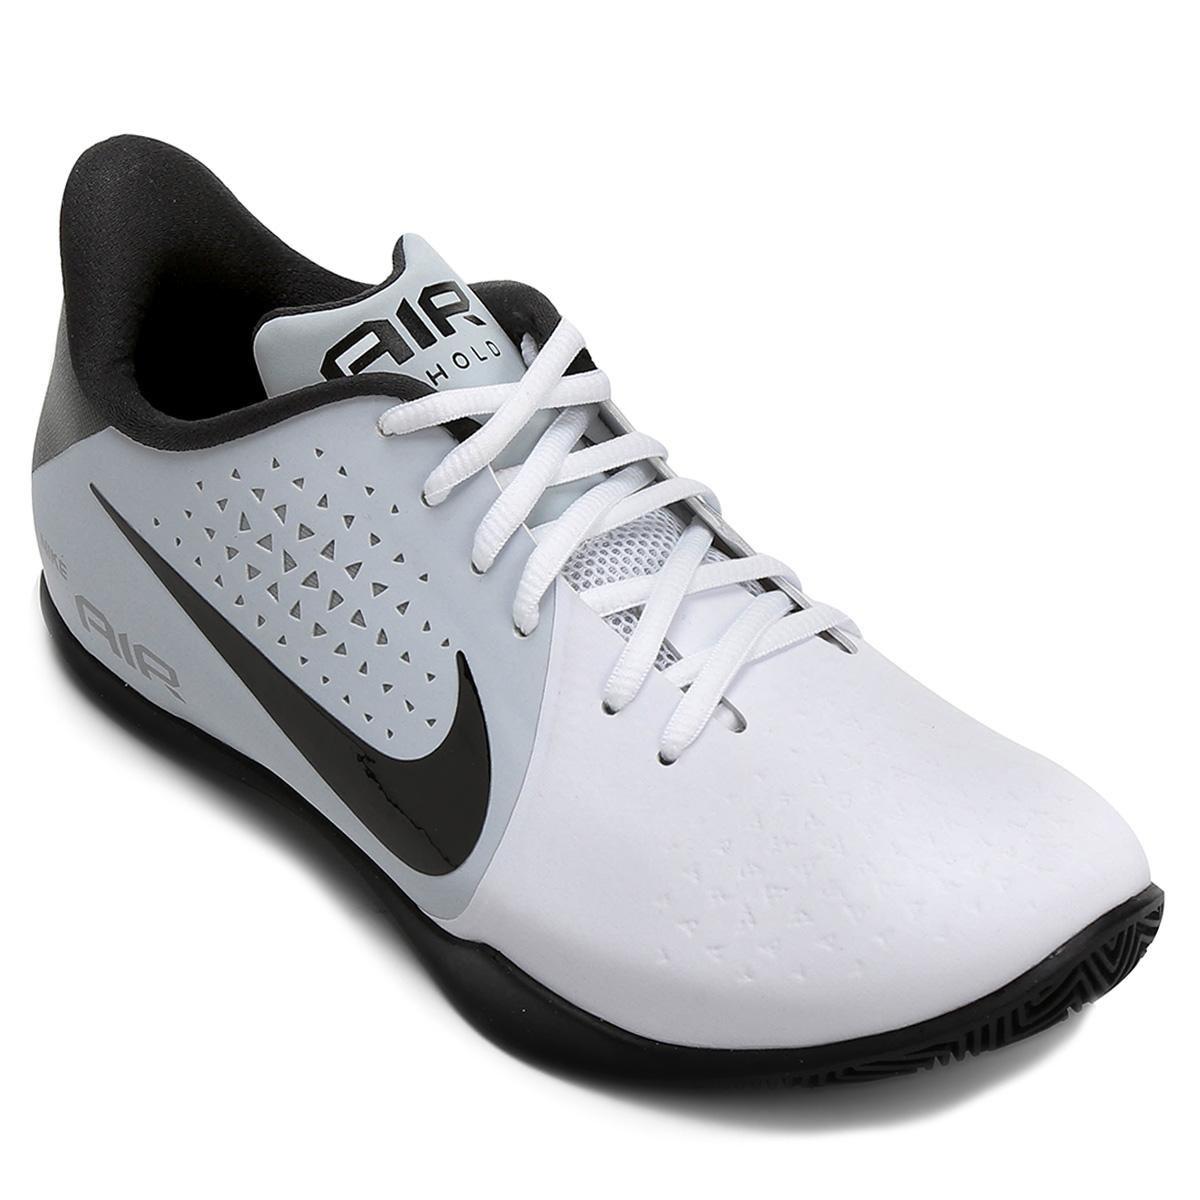 Tênis Nike Air Behold Low Masculino - Branco e Preto - Compre Agora ... e79ad504fc1b6